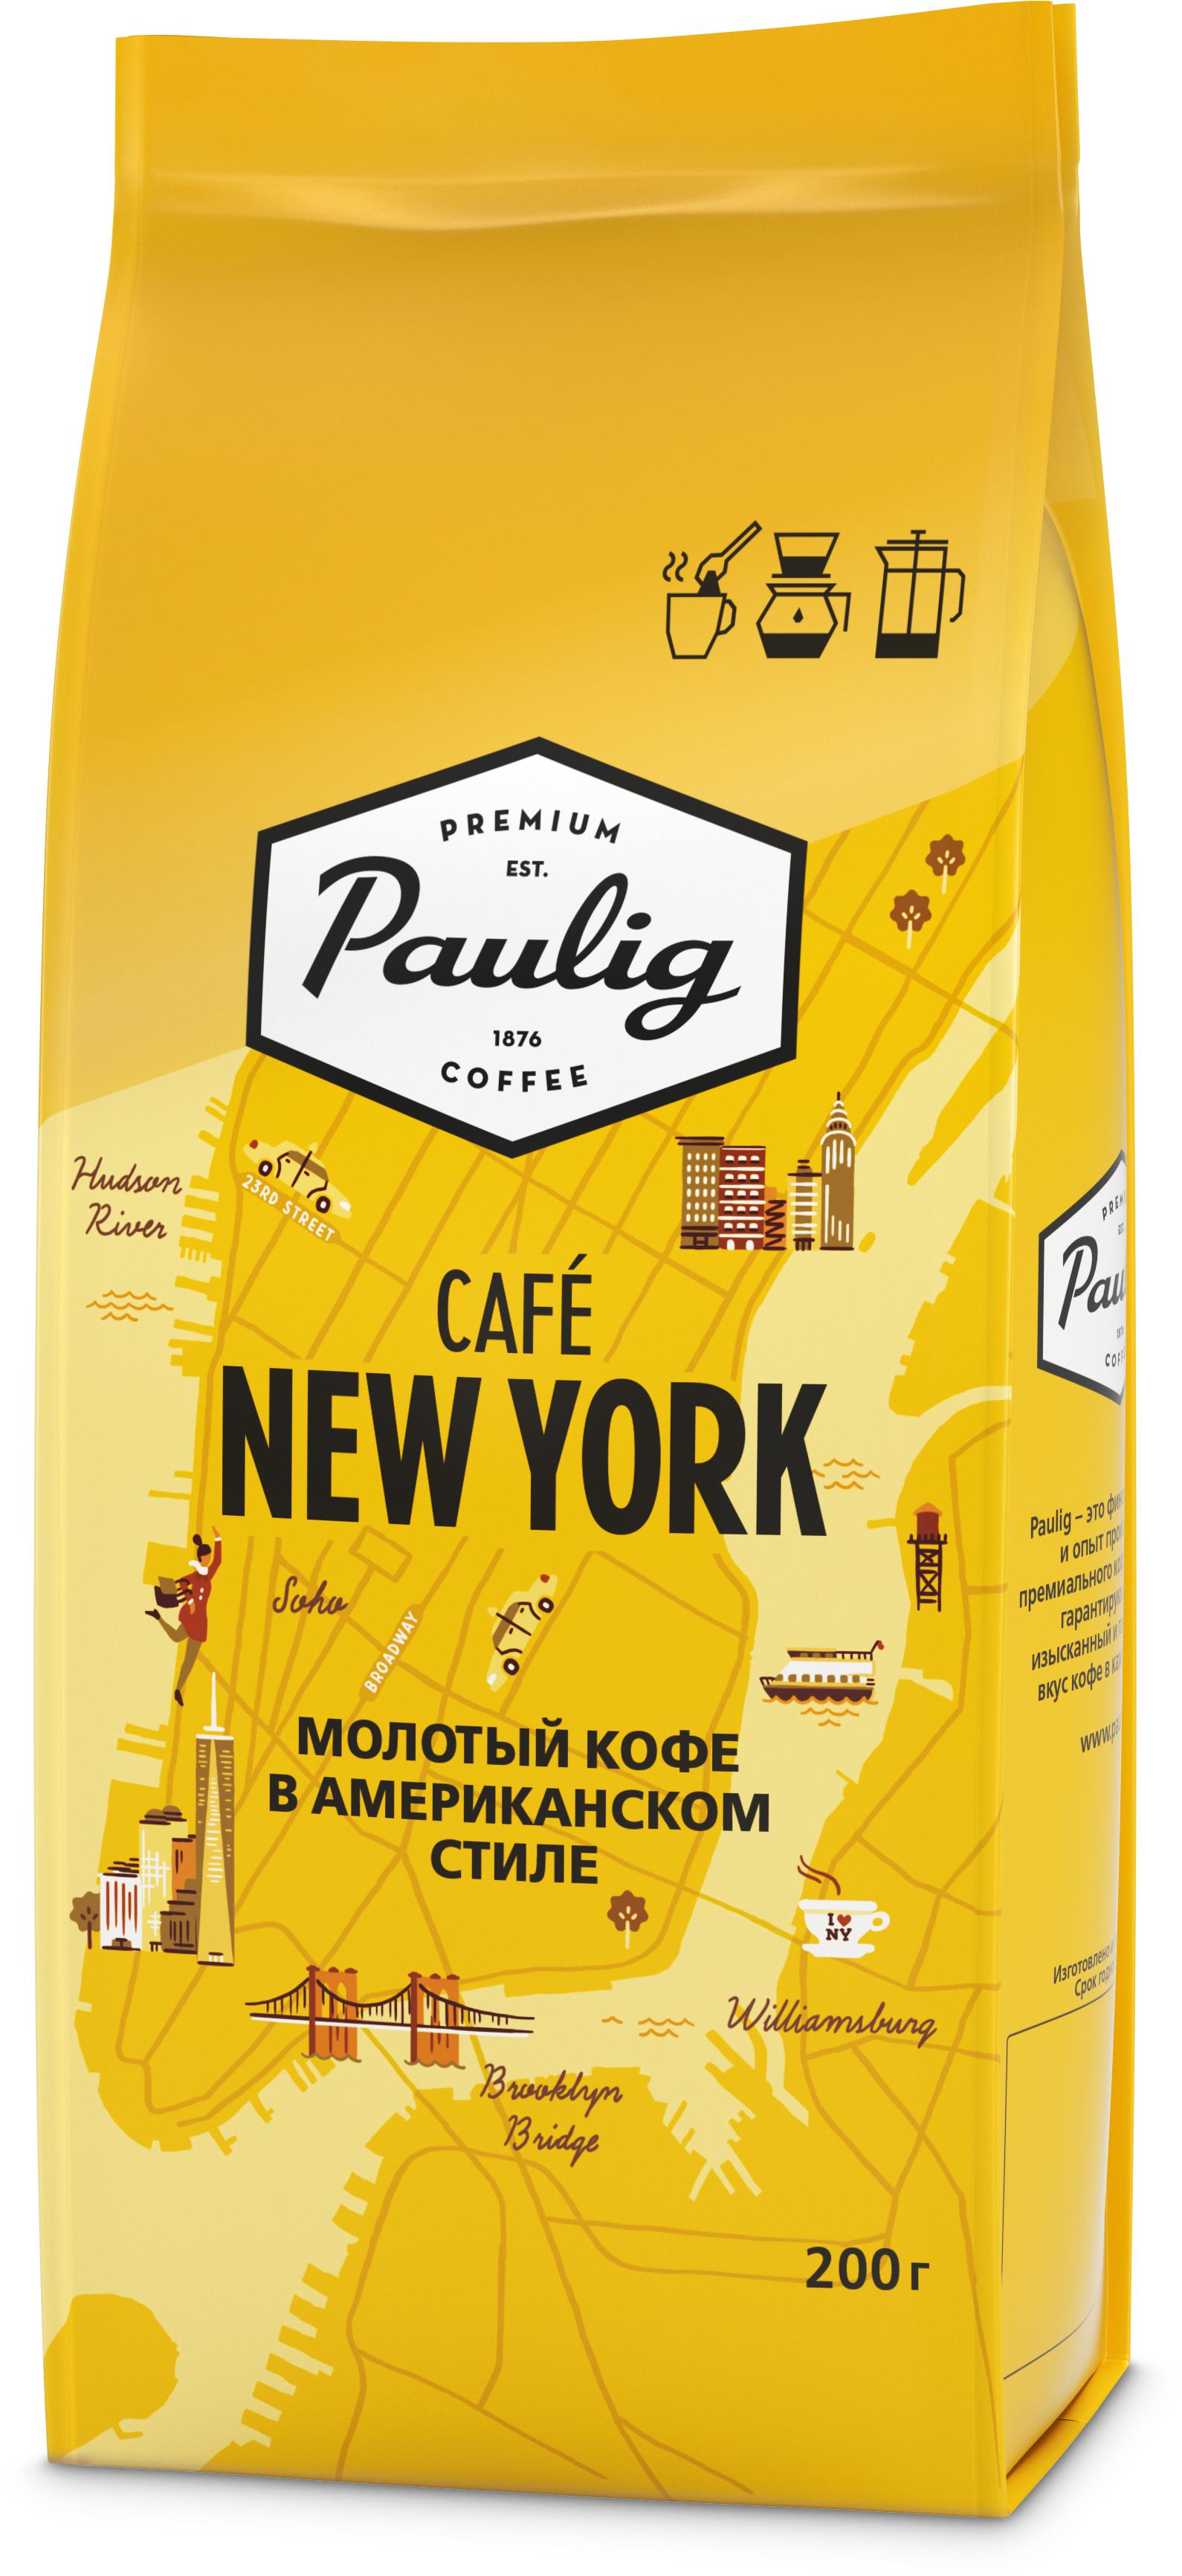 БЕЗ БРЭНДА Кофе молотый Cafe New York Paulig кофе paulig кофе classic молотый для турки 200 г